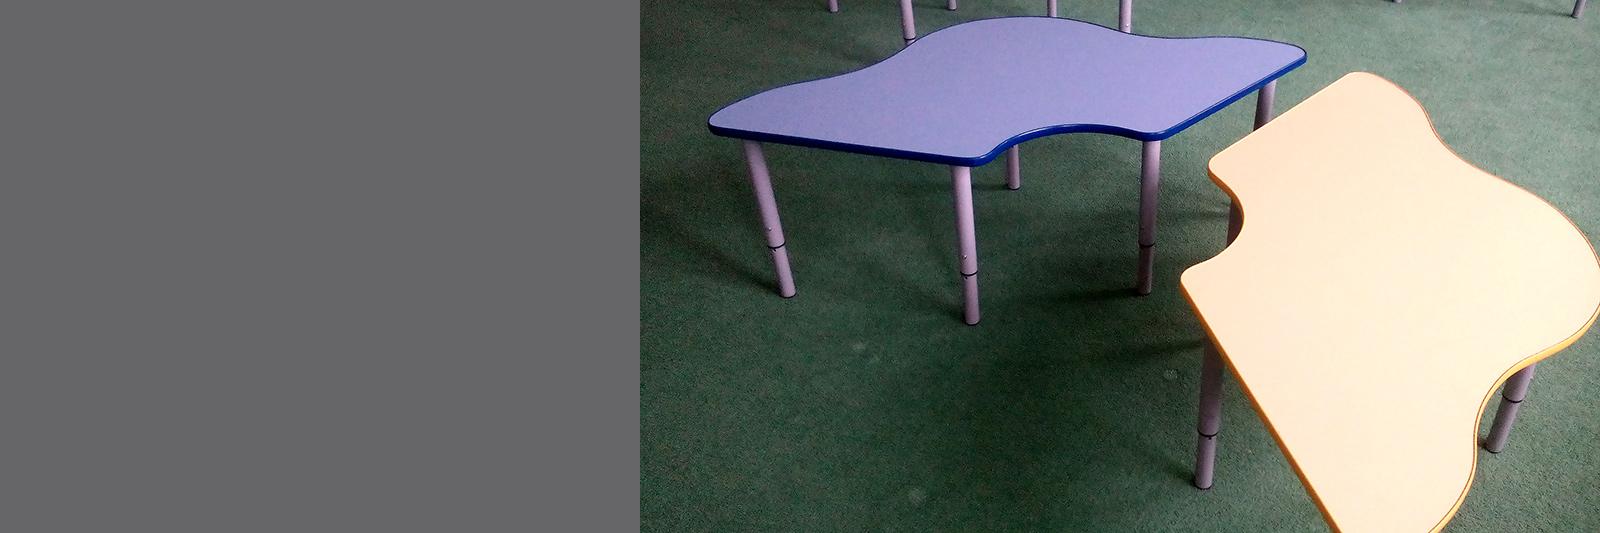 Детские столы-парты на заказ с регулируемыми опрами